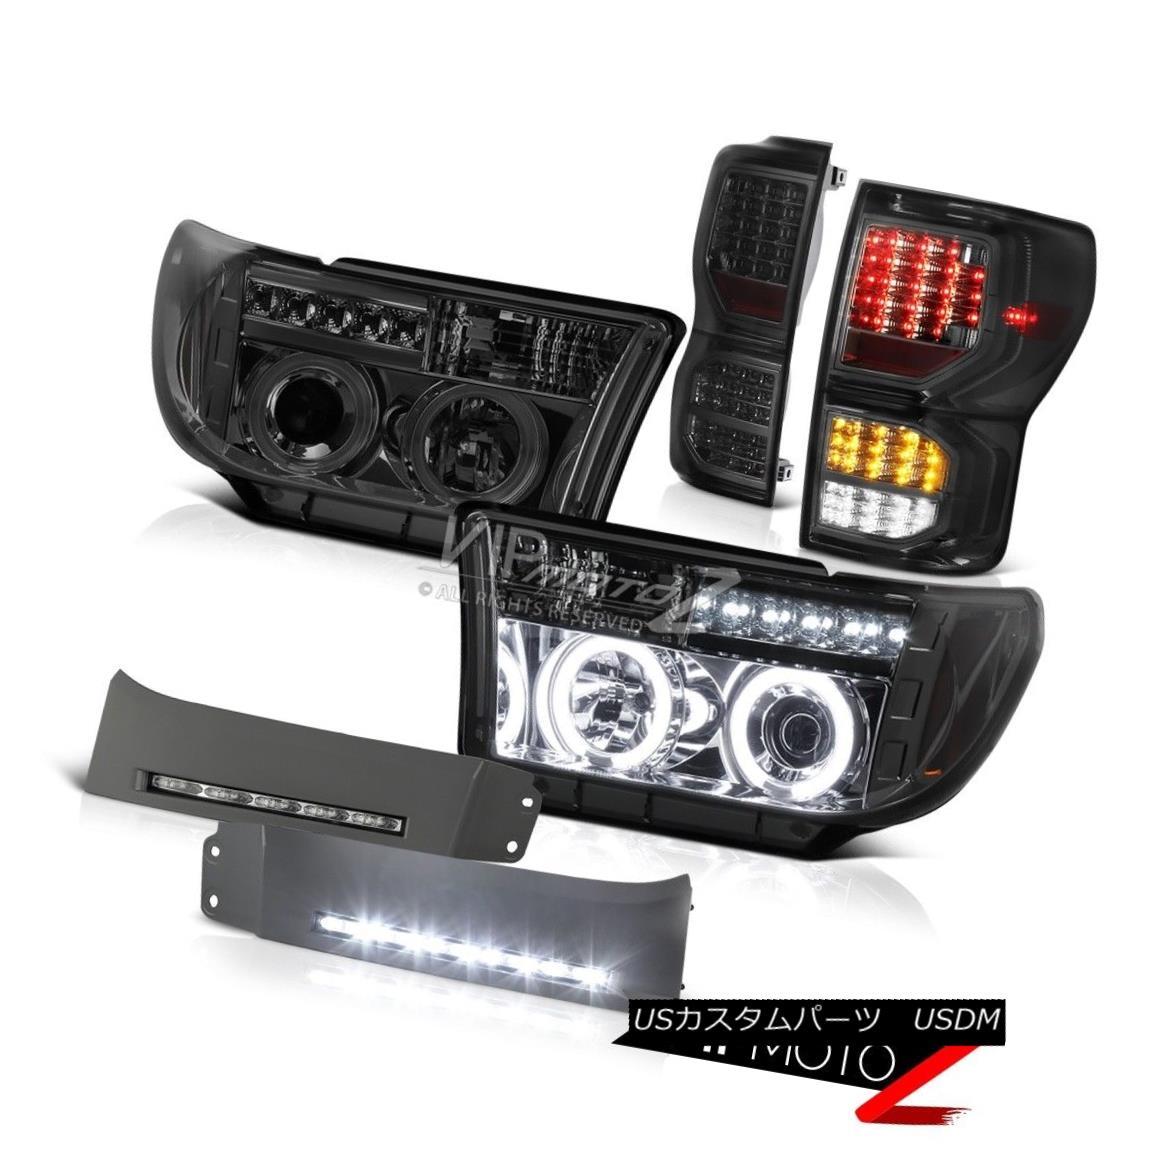 ヘッドライト 07-13 Toyota Tundra Platinum Tail Lights Paintable Bumper DRL Headlamps Newest 07-13トヨタトンドラプラチナテールライトペインタブルバンパーDRLヘッドランプ最新